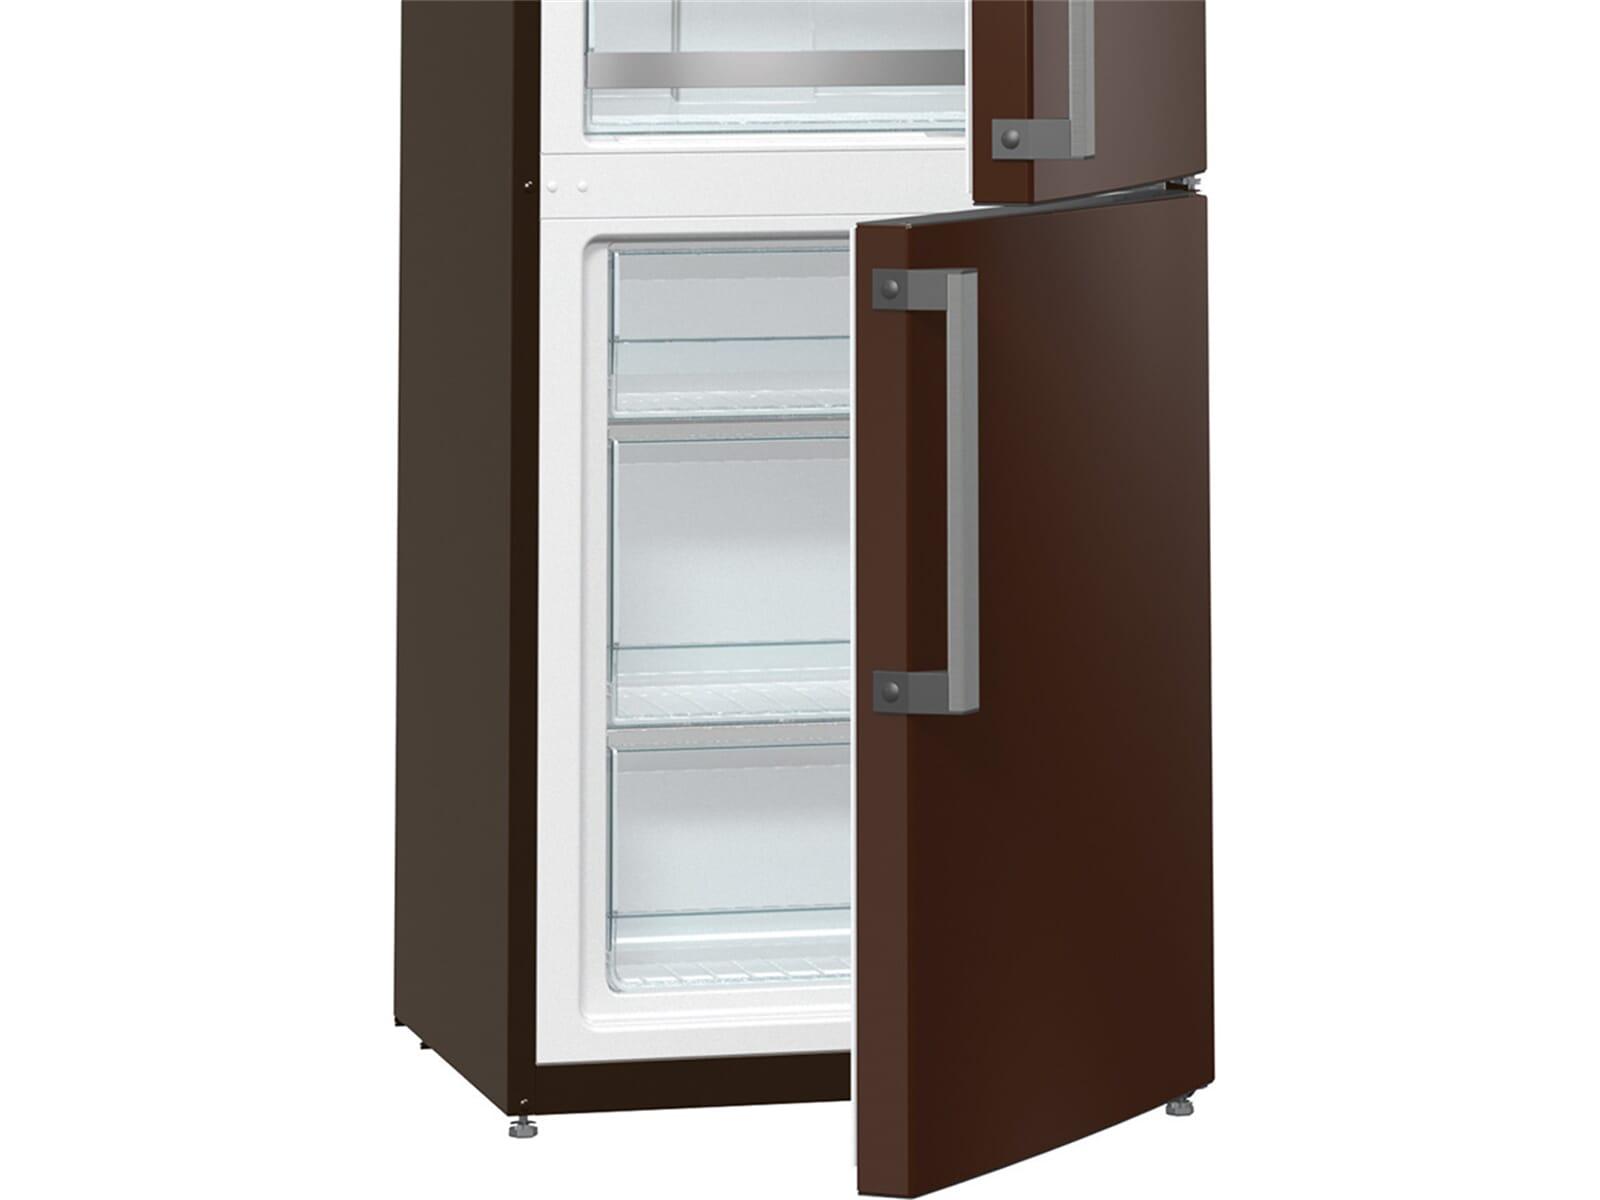 gorenje rk 6193 kch stand k hl gefrier kombination braun f r 558 80 eur. Black Bedroom Furniture Sets. Home Design Ideas